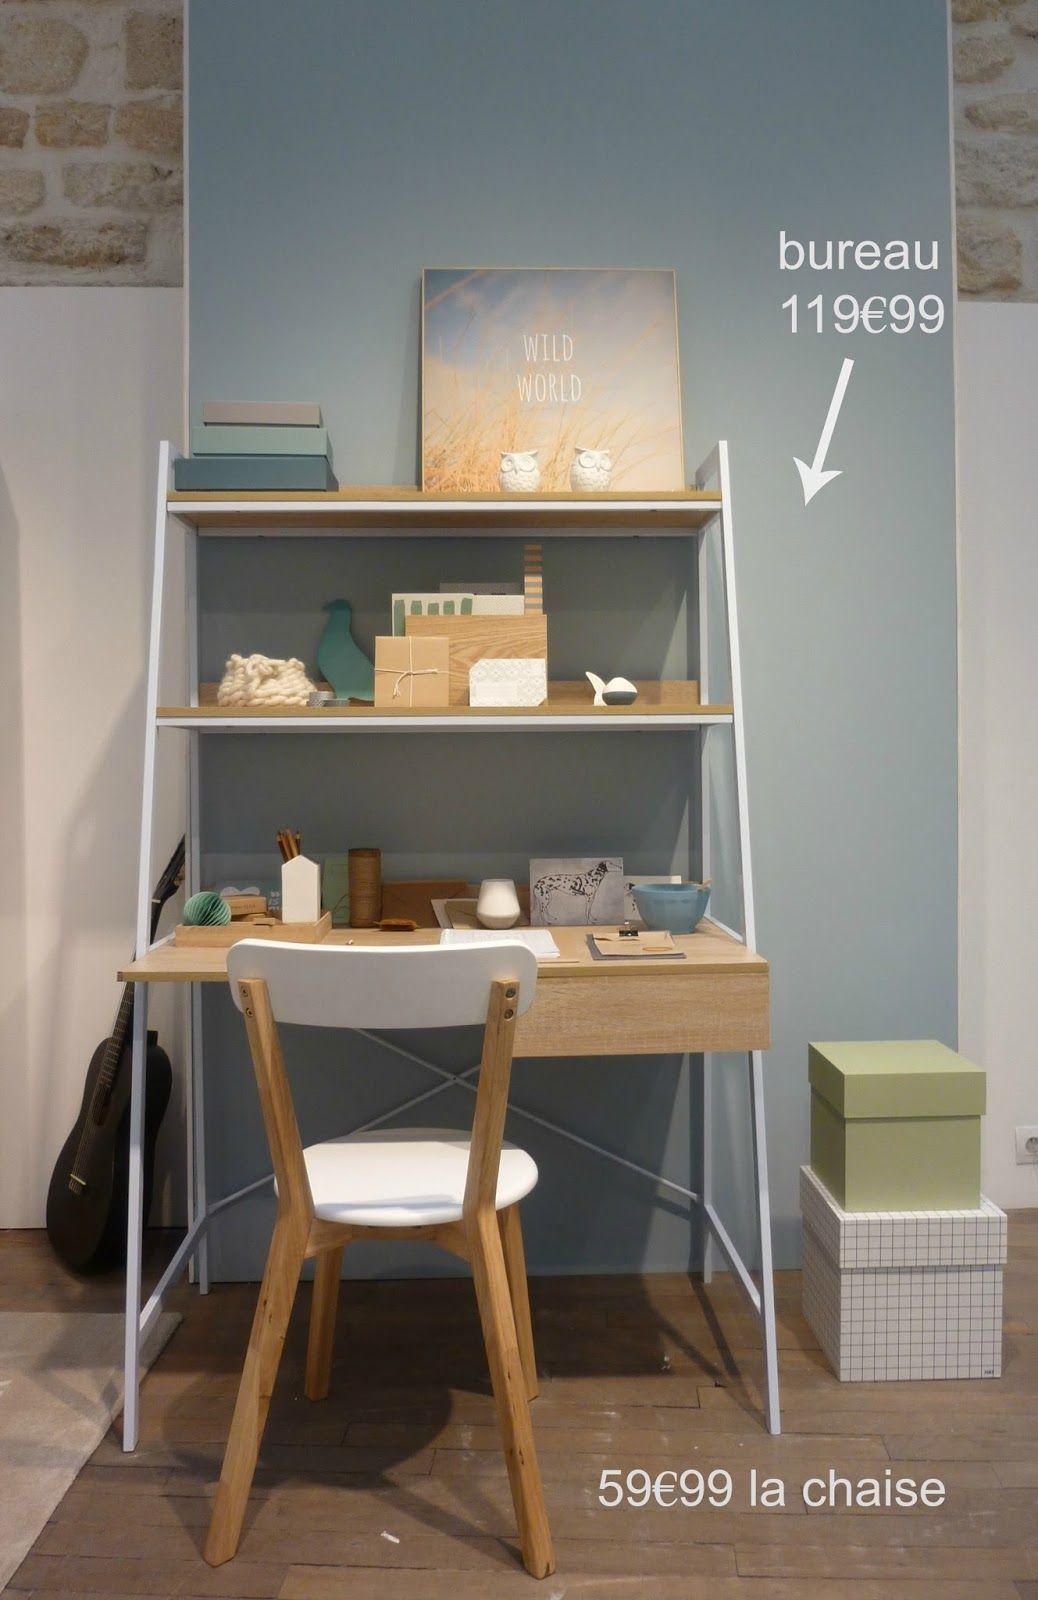 But New Collection Amenagement Interieur Pinterest Bureau